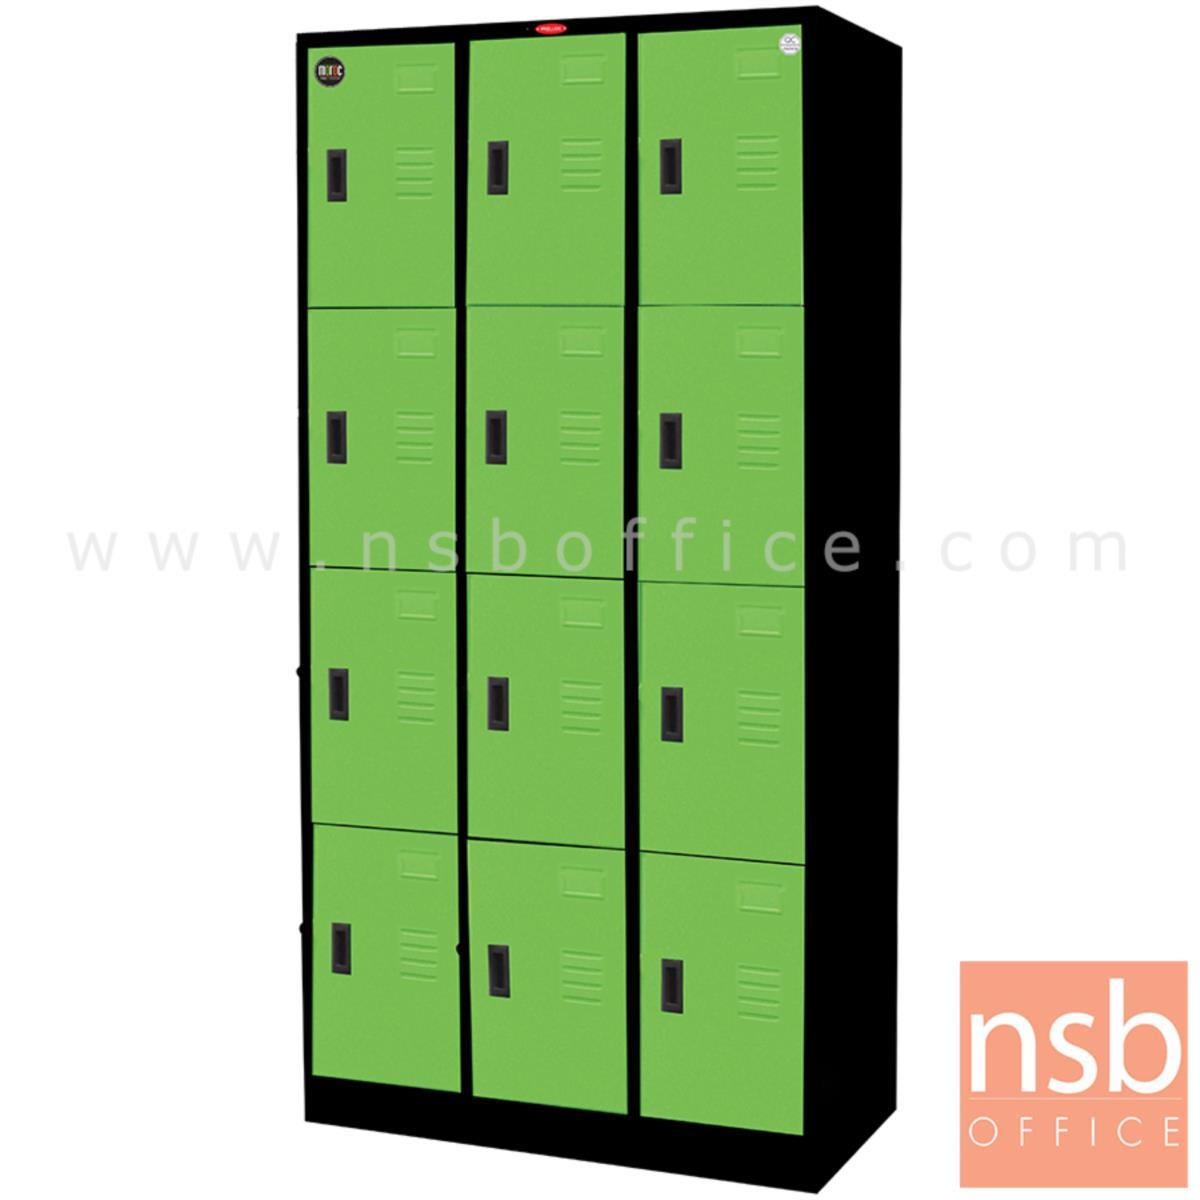 E04A052:ตู้ล็อคเกอร์ 12 ประตู  รุ่น PPK-012  หน้าบานสีสันโครงตู้สีดำ (ไม่มีกุญแจ มีเฉพาะสายยู)